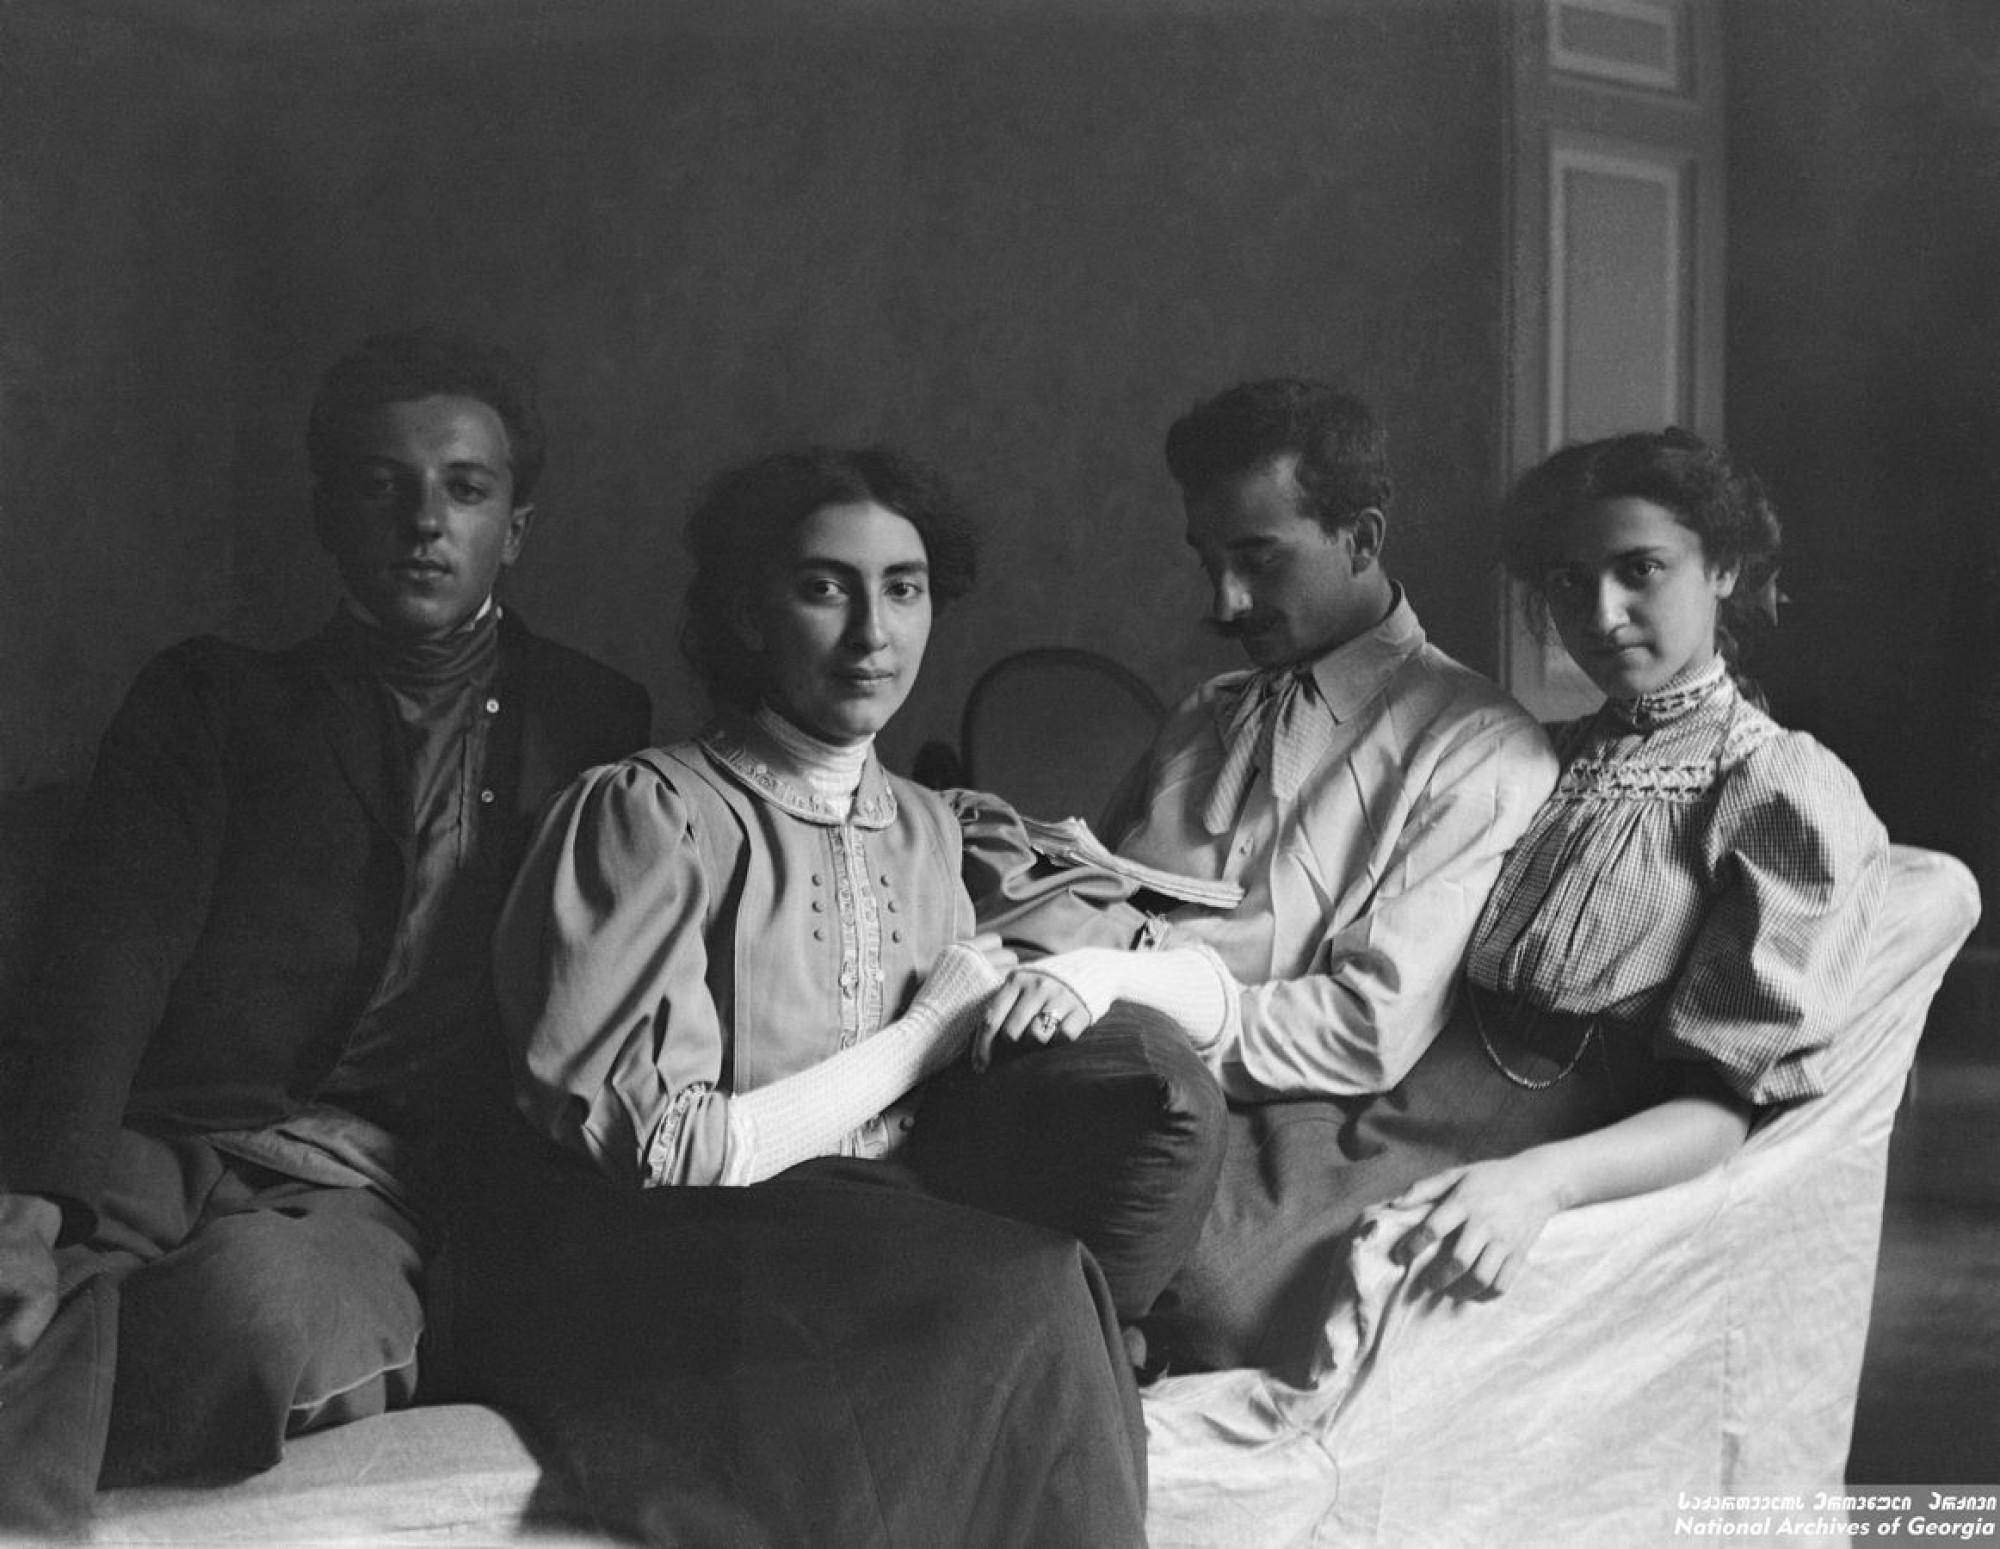 რუსუდან ნიკოლაძე  (1884-1981)